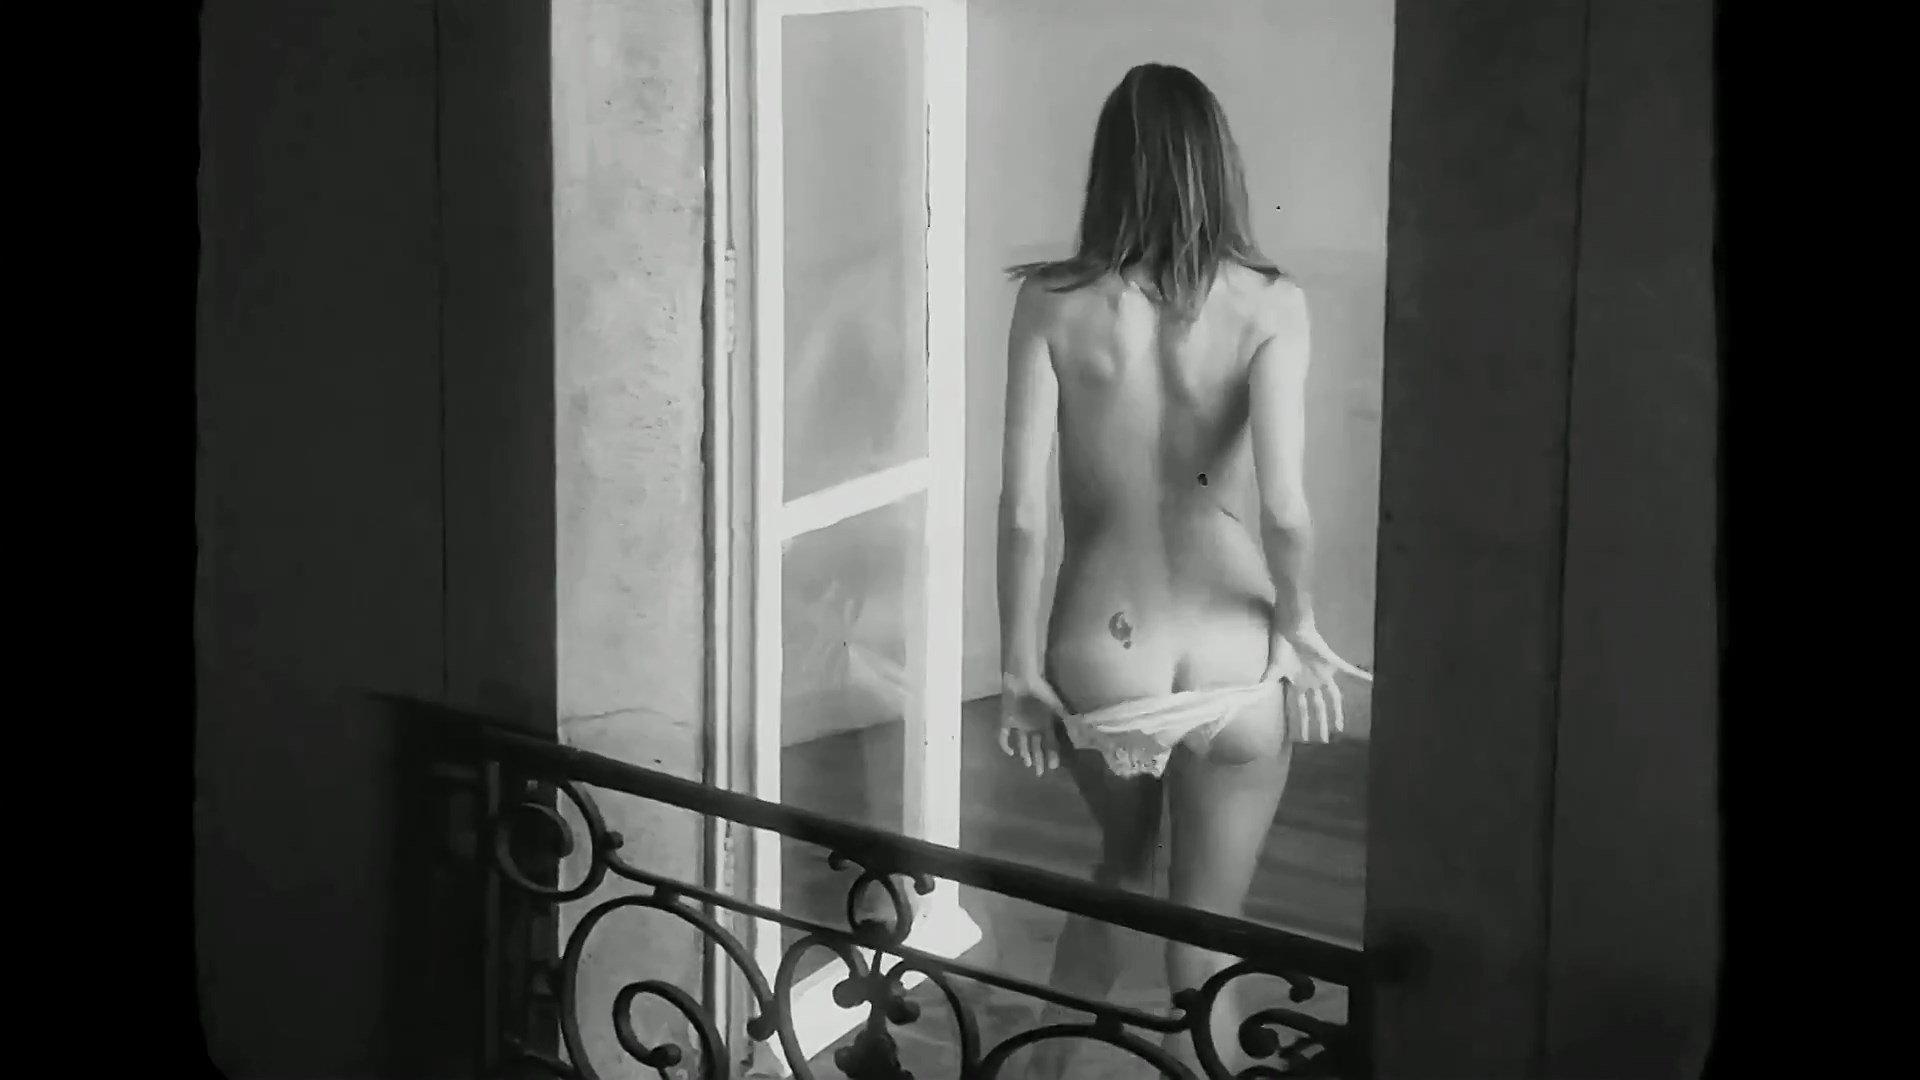 Alessandra ambrosio sizzling sex scene on brazilian porn show